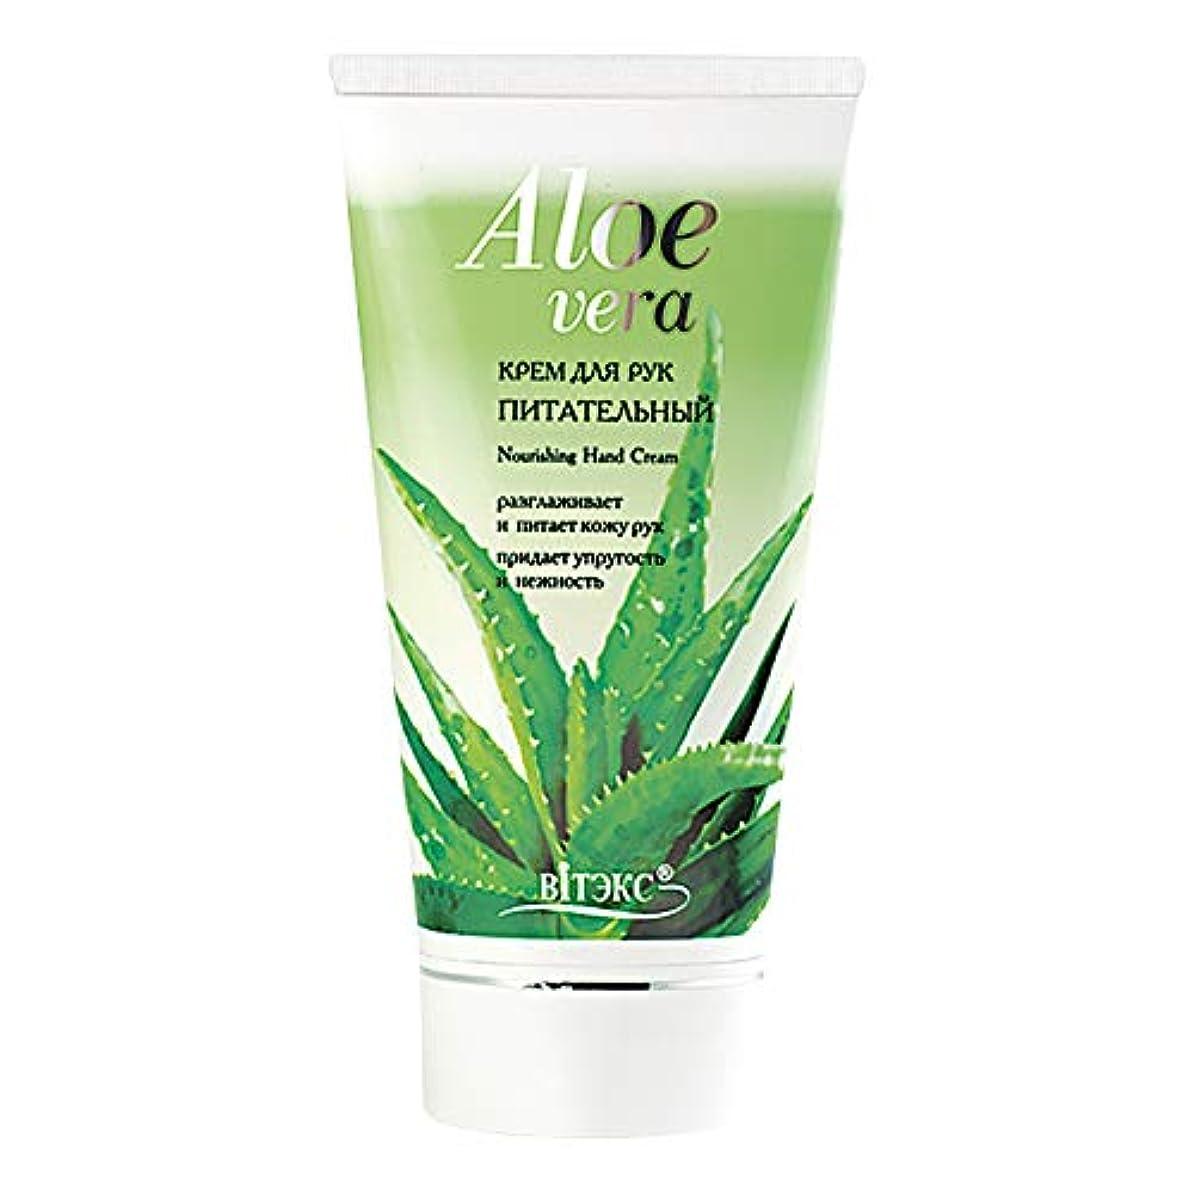 器官称賛ペパーミントBielita & Vitex Aloe Vera Line | Nourishing Hand Cream, 150 ml | Grape Seed Oil, Aloe Juice, Vitamins